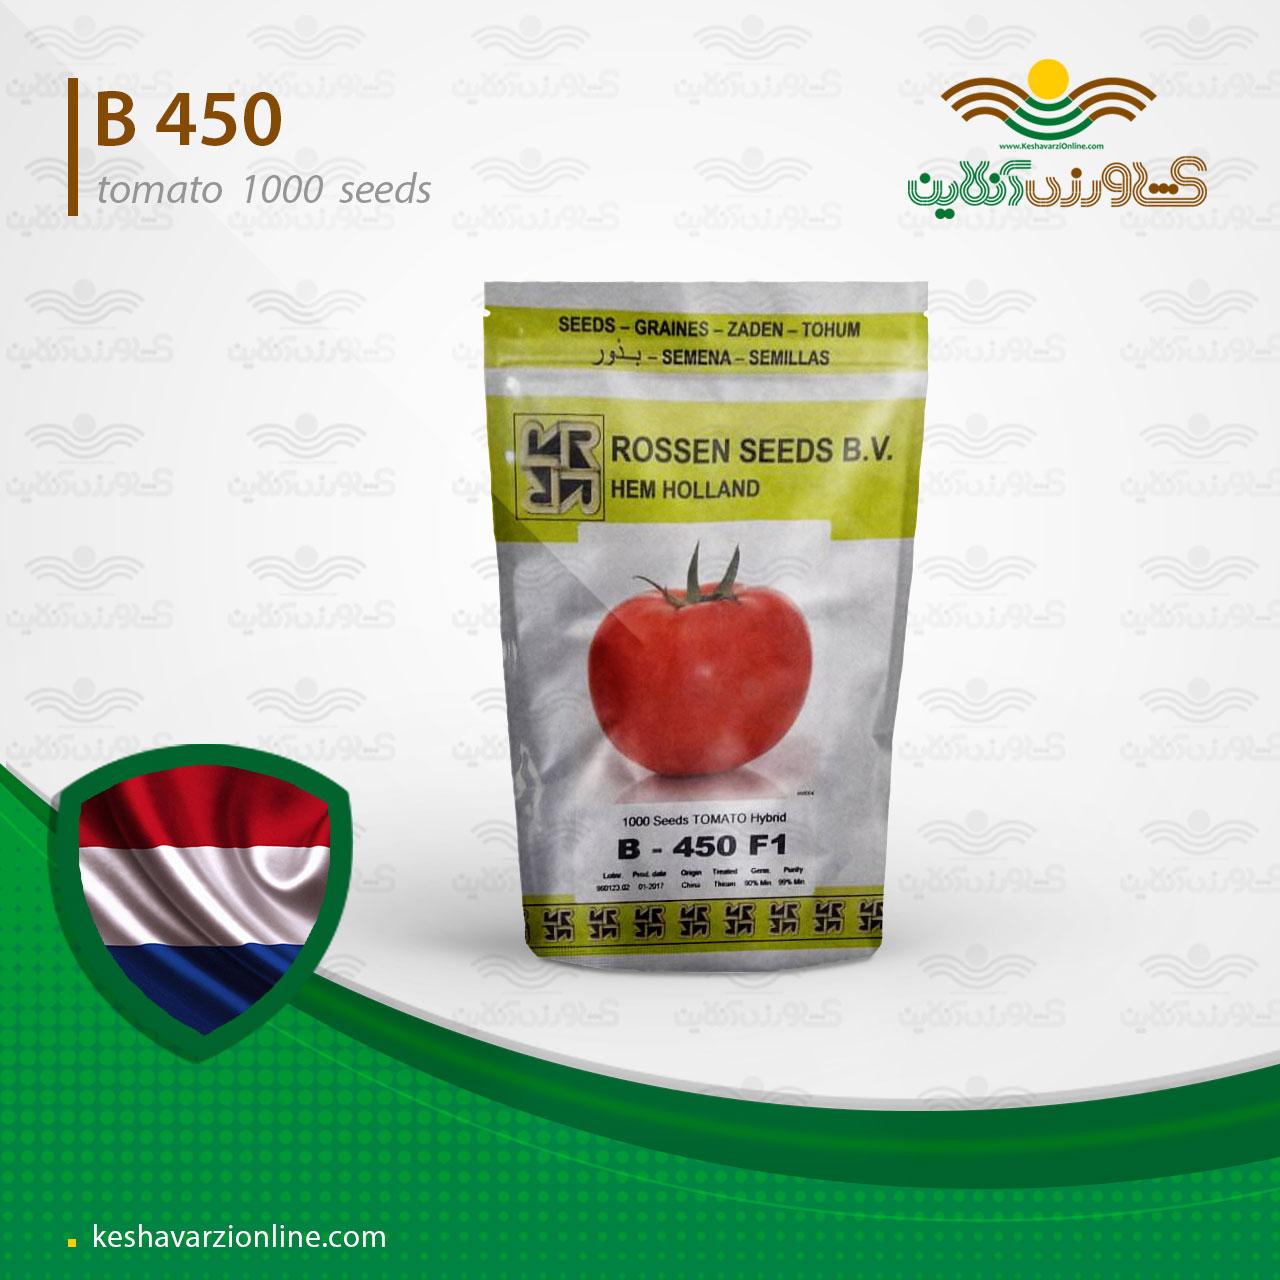 بذر گوجه گلخانه ای بی 450 روزن سید هلند